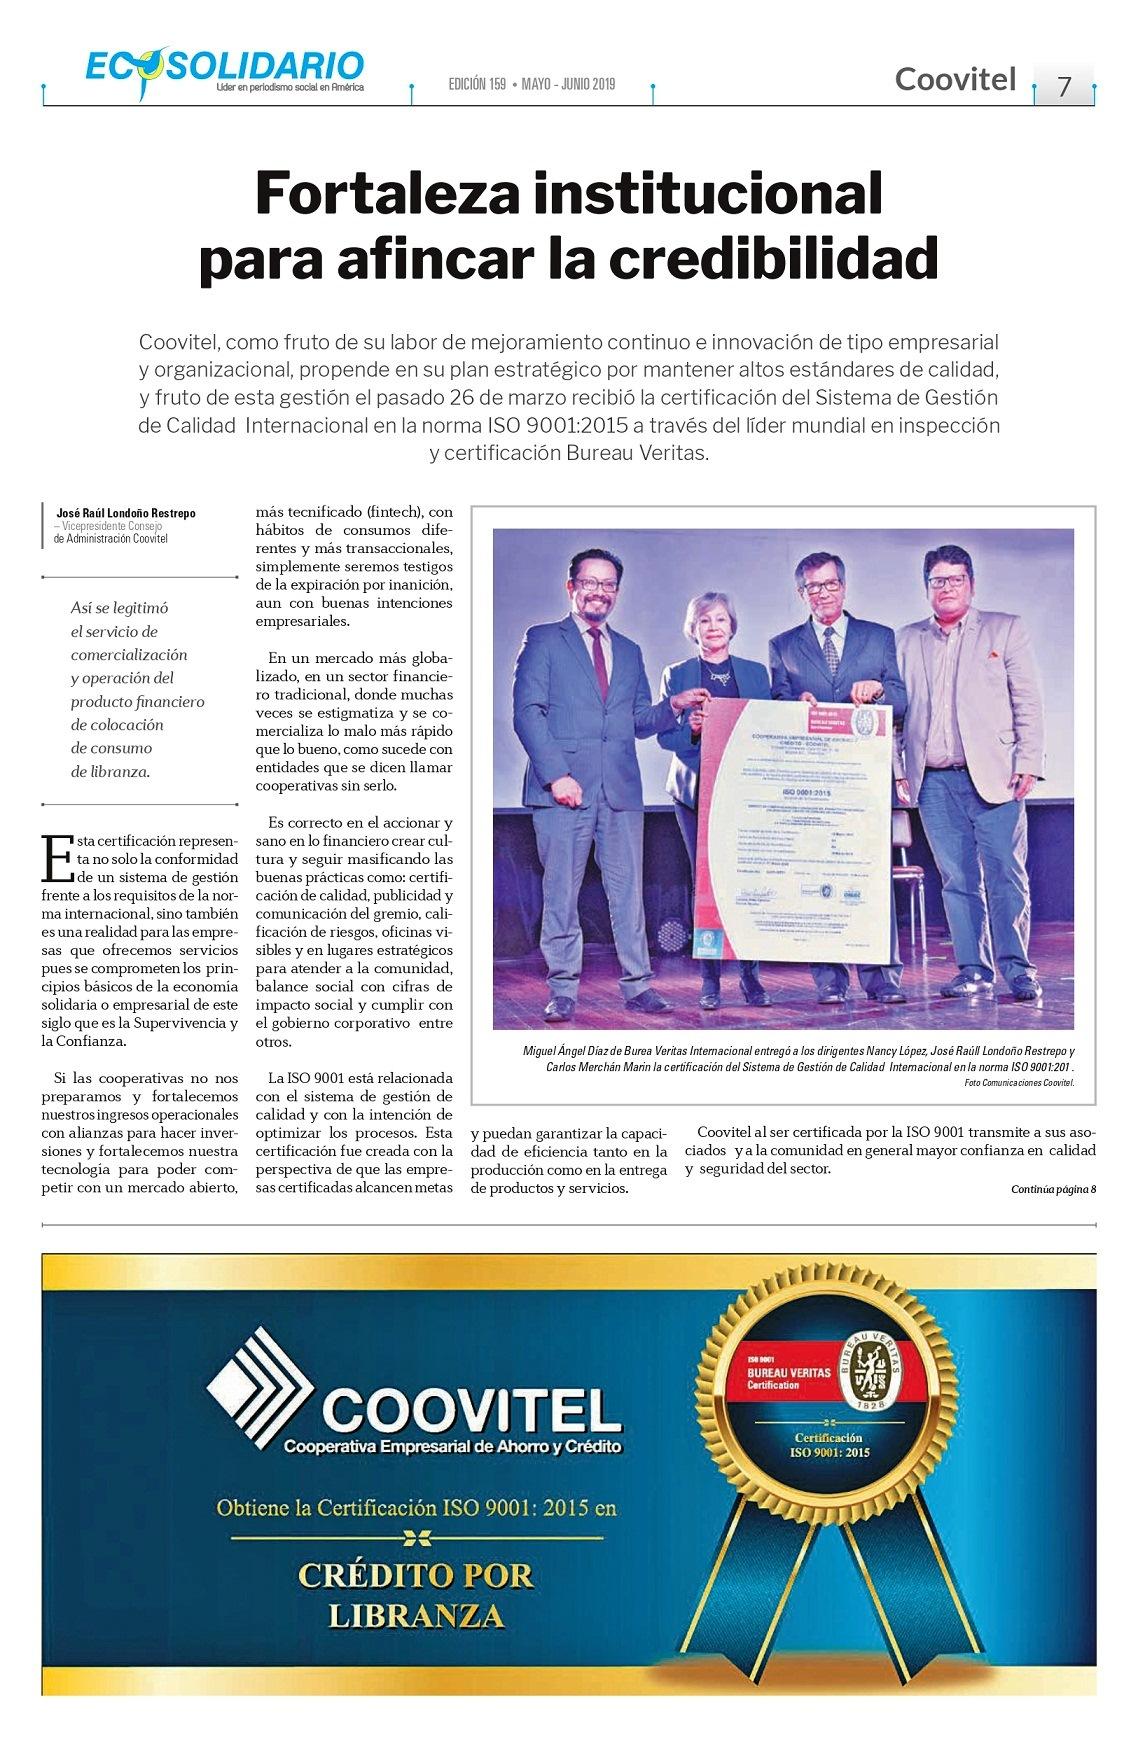 Gobierno corporativo en Coovitel fideliza a sus asociados en integra al modelo en cultura solidaria